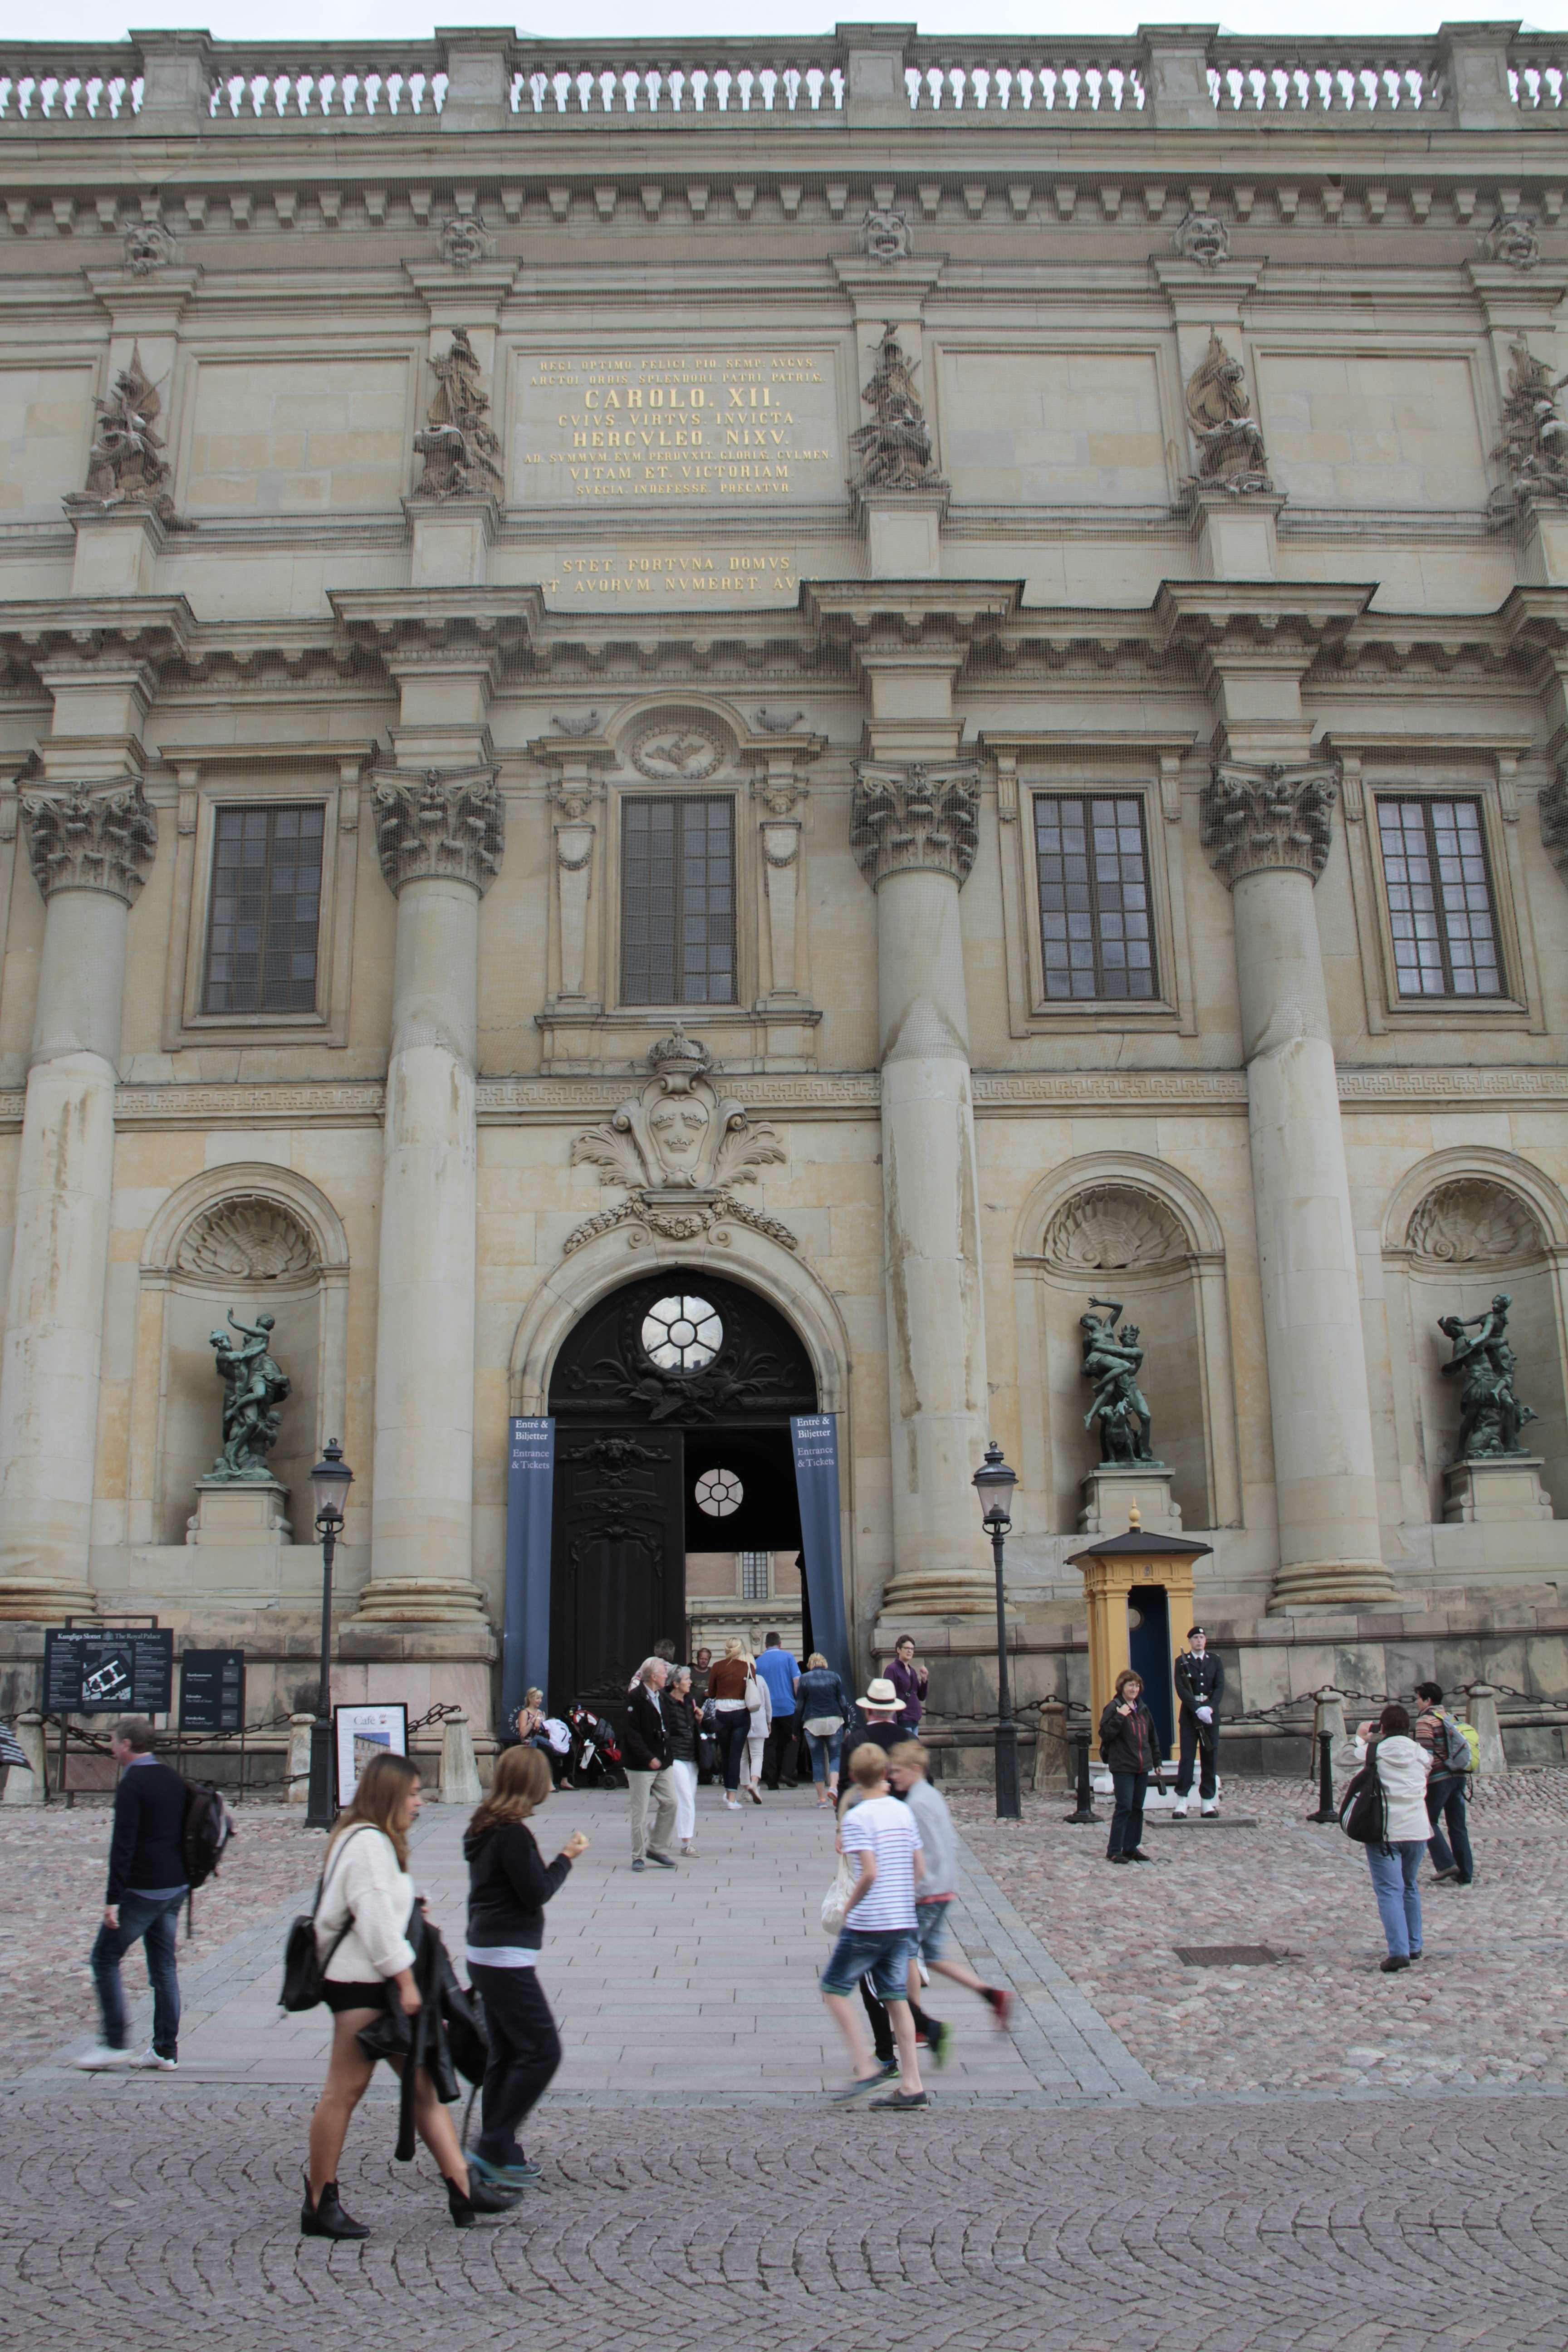 Suede_0012 Stockholm Gamla Stan palais royal